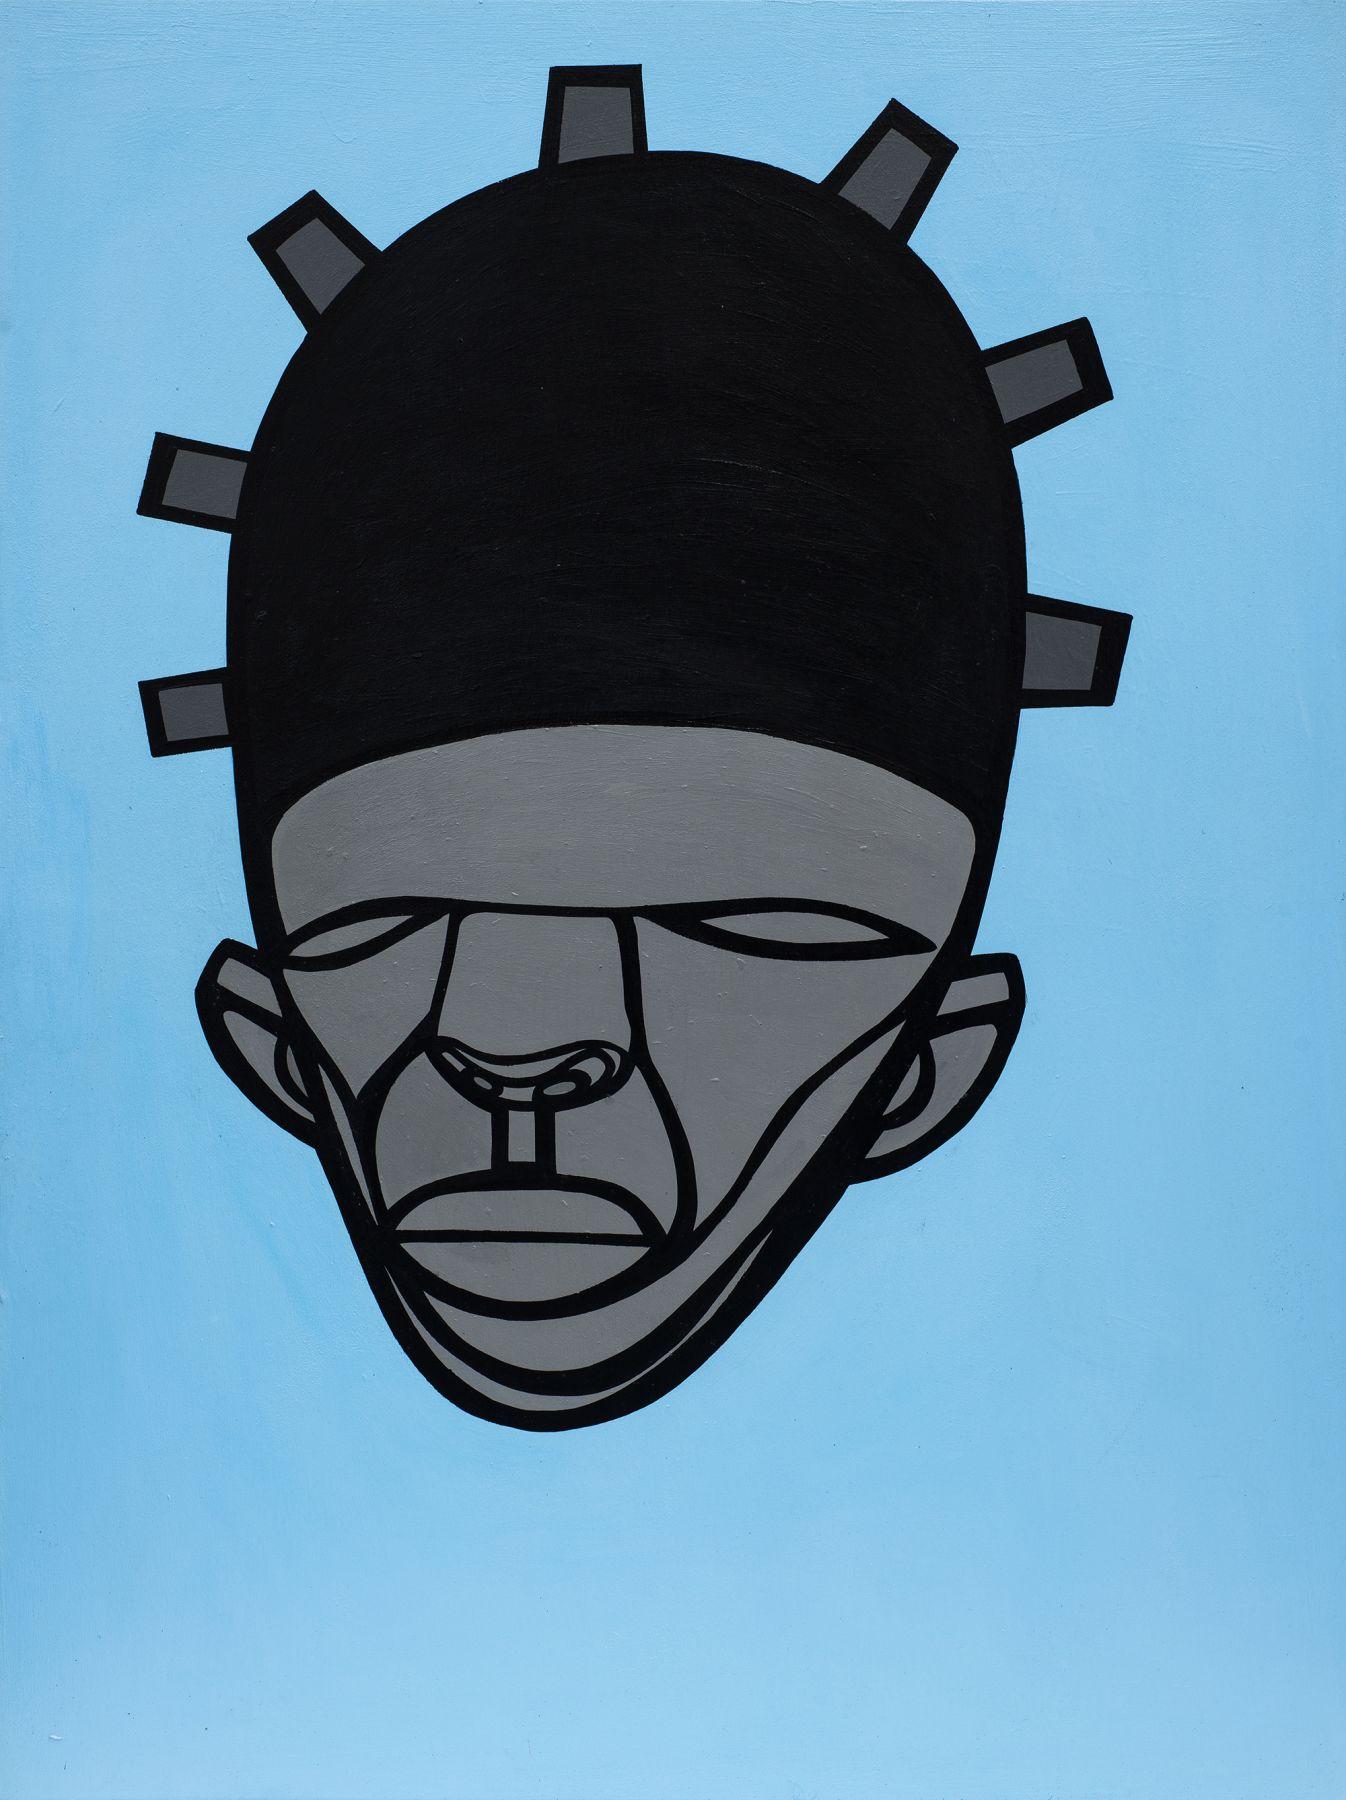 Urban Icon by Ron Haywood Jones